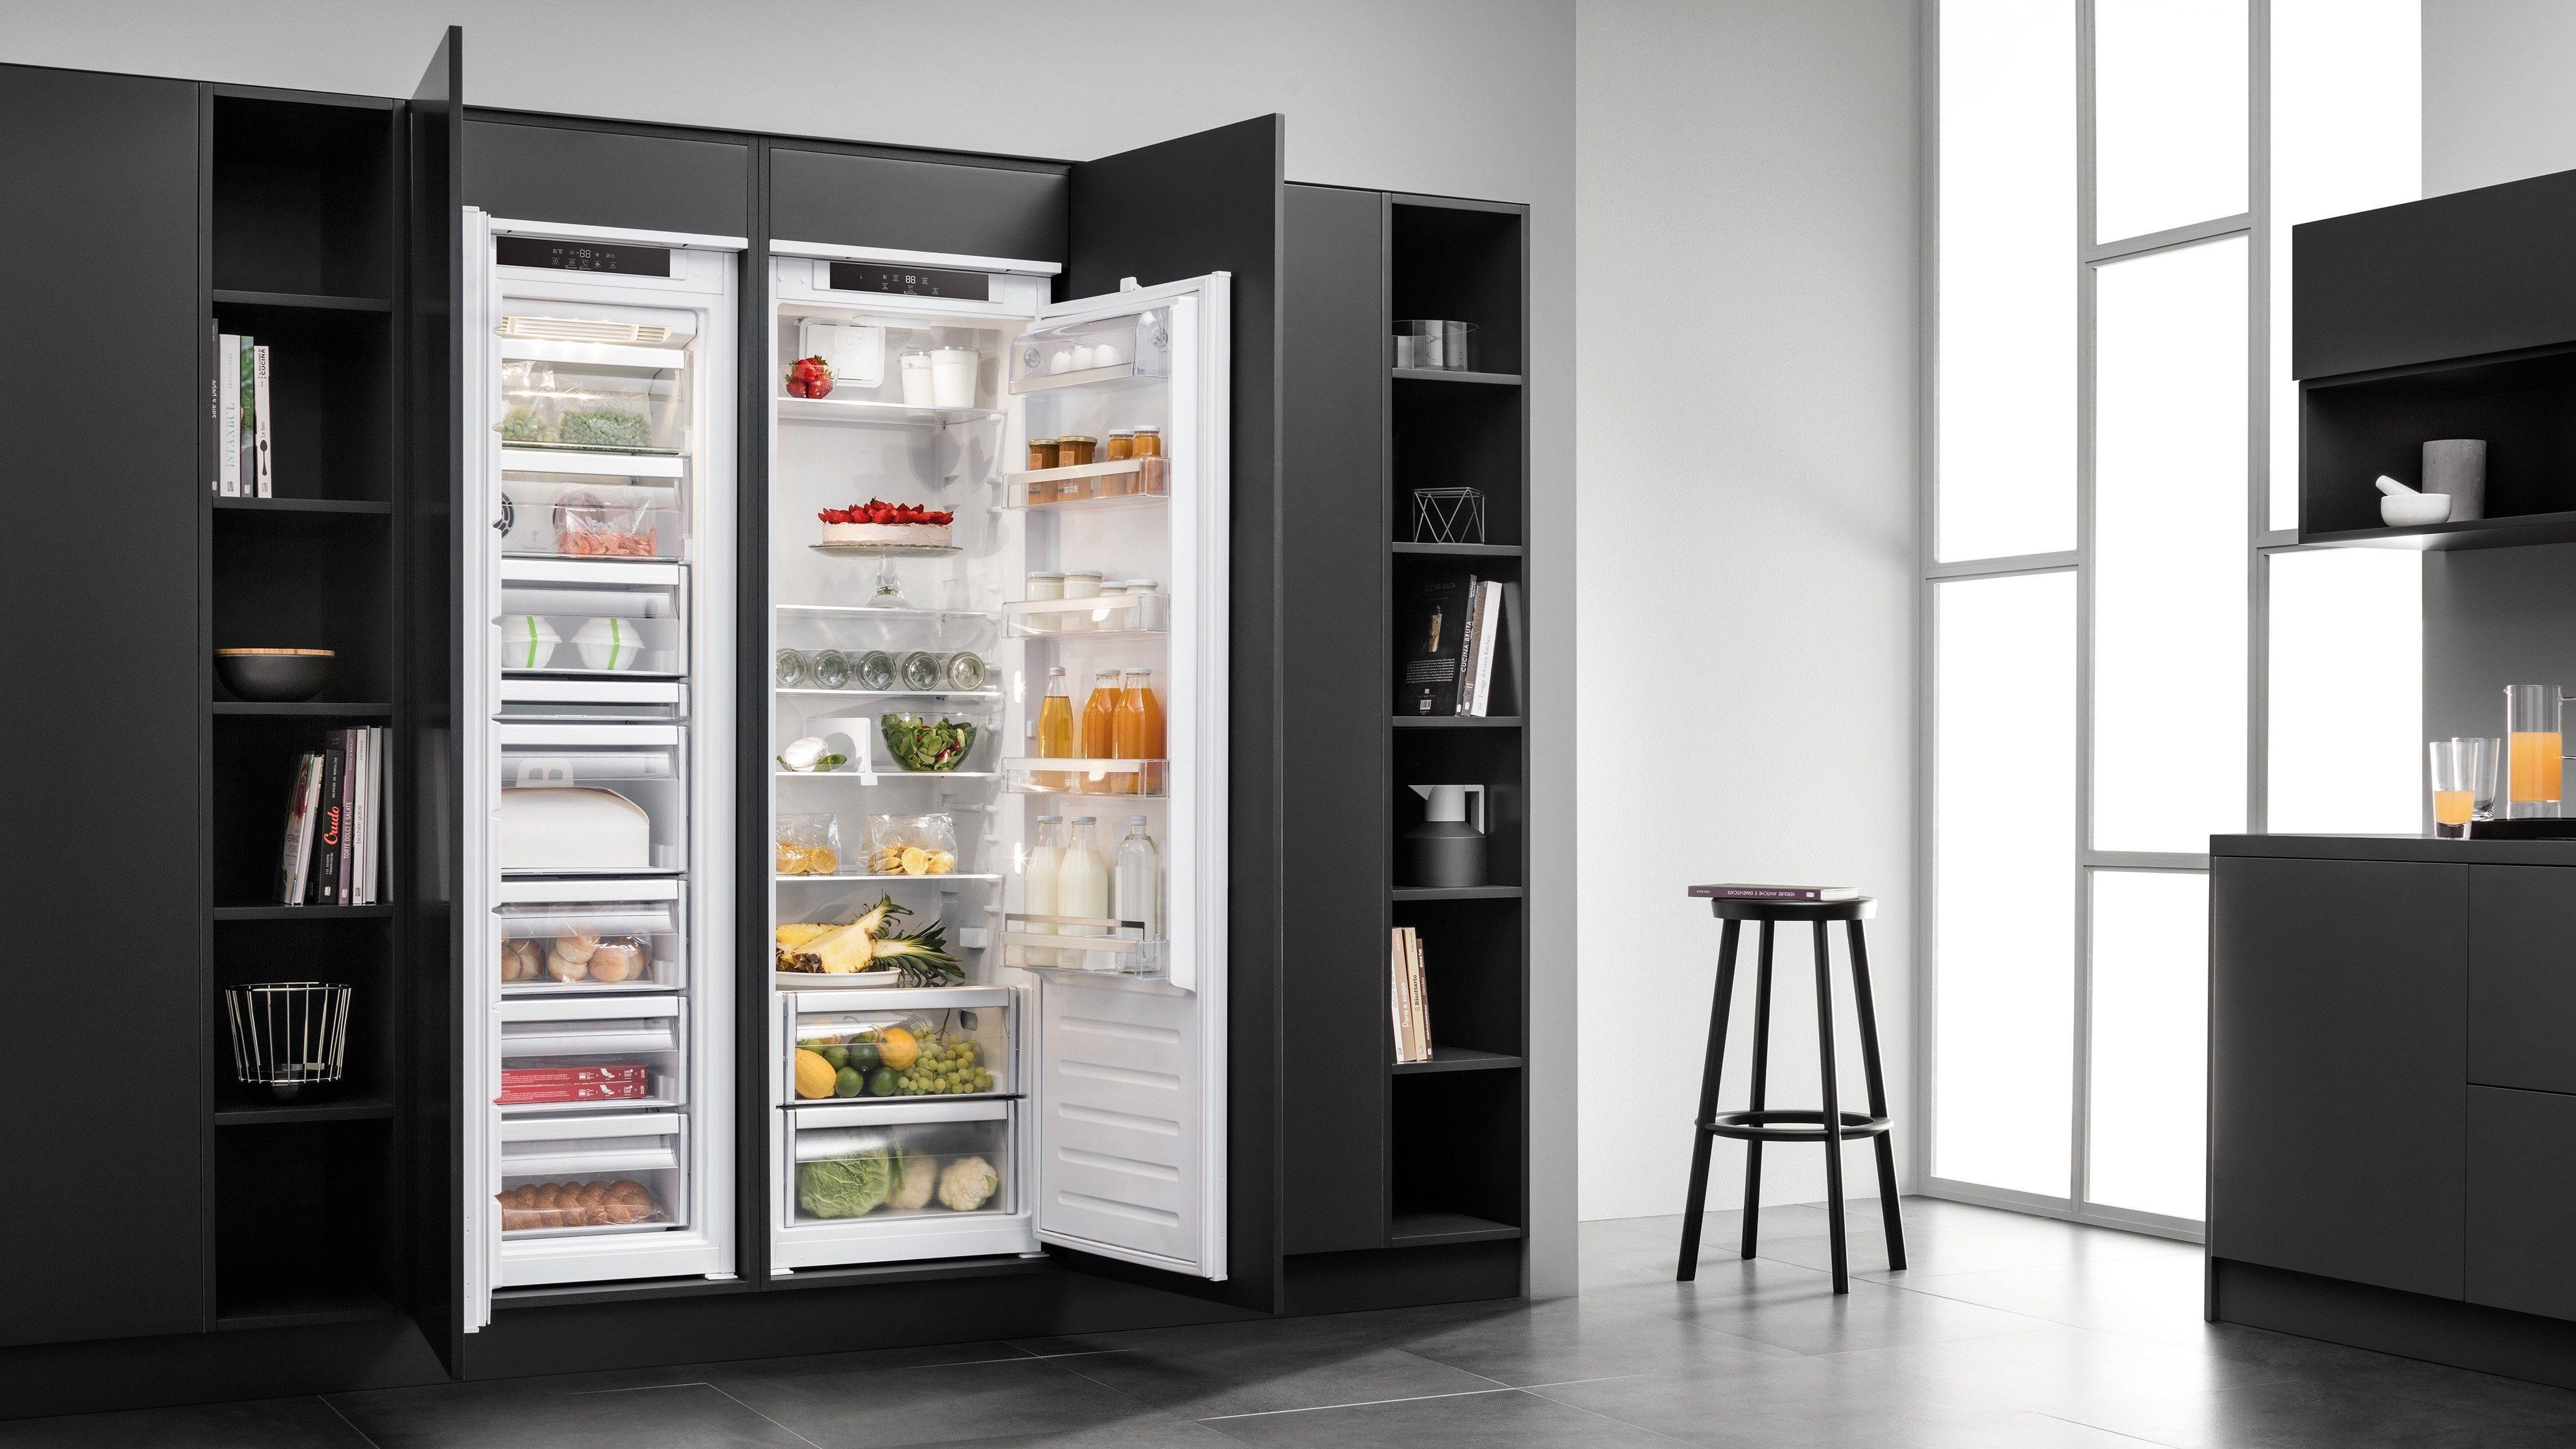 Amica Kühlschrank Geht Nicht Mehr : Amk: die geschichte des kühlschranks ce electro